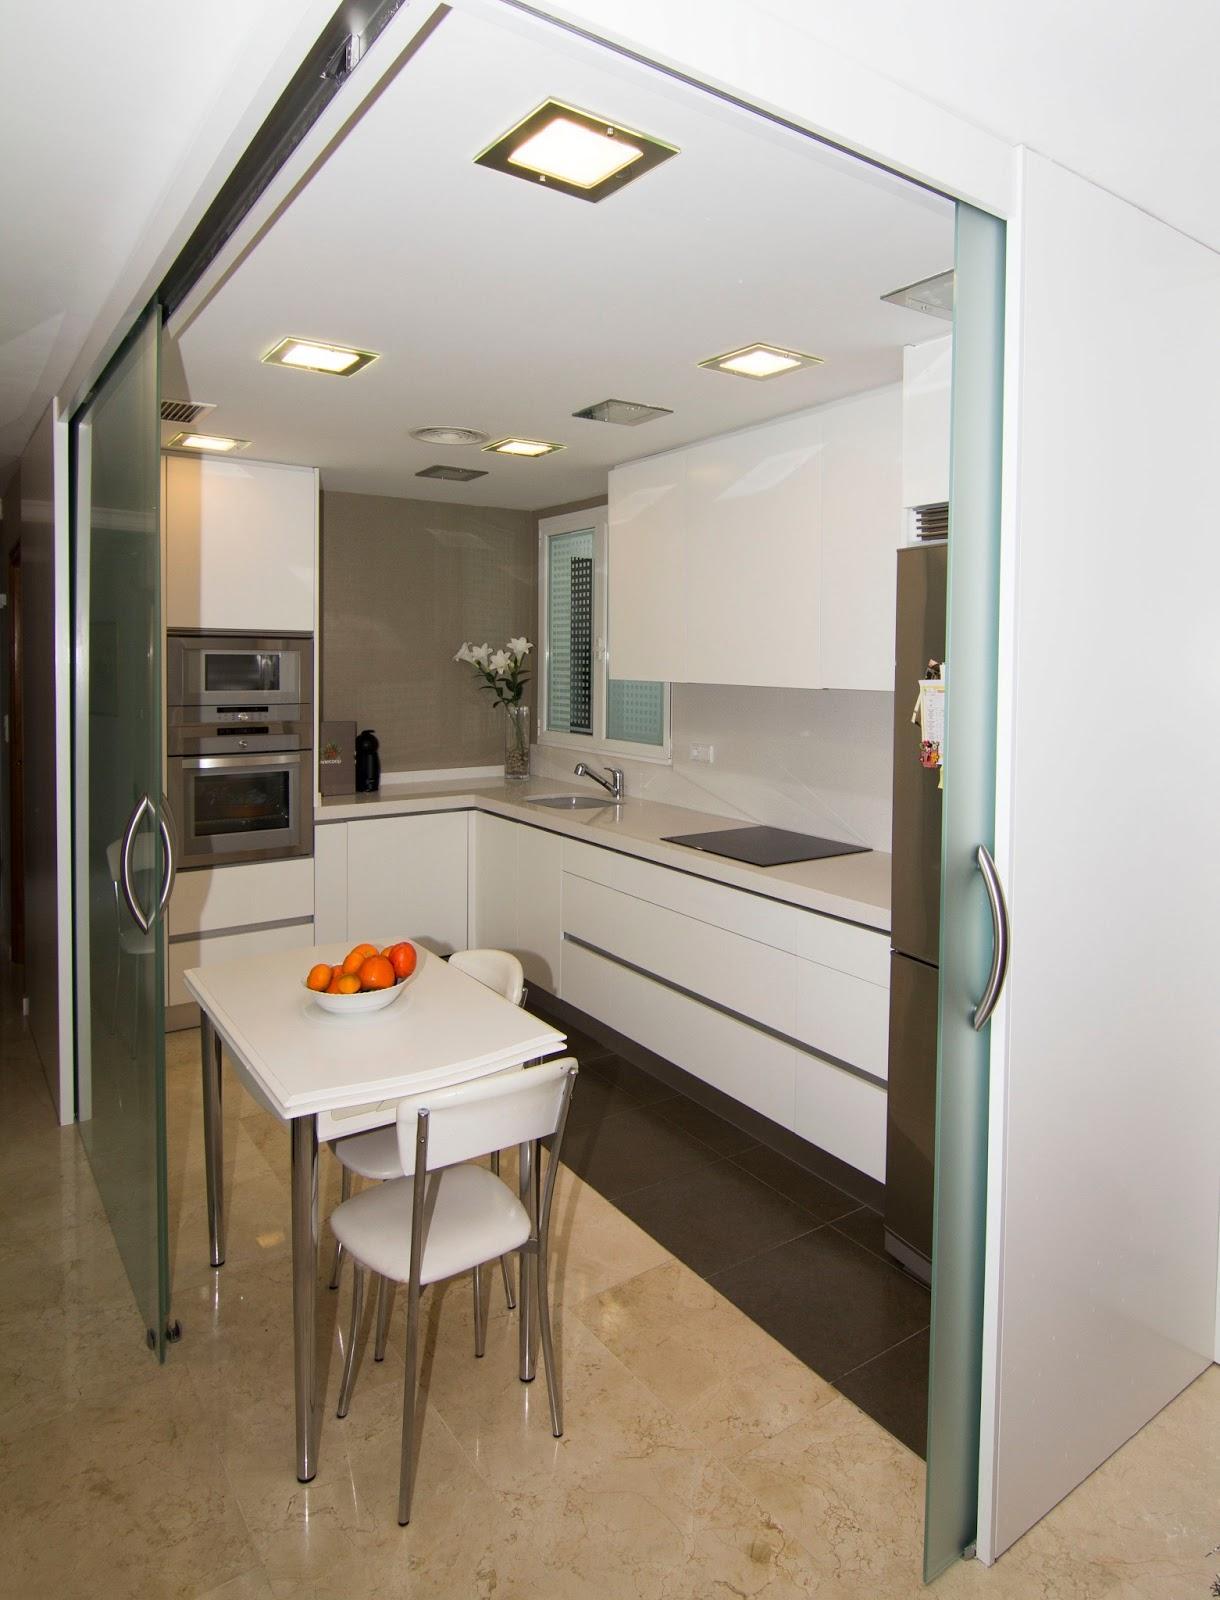 Nivel diez cocina abierta al sal n - Cocina con salon ...